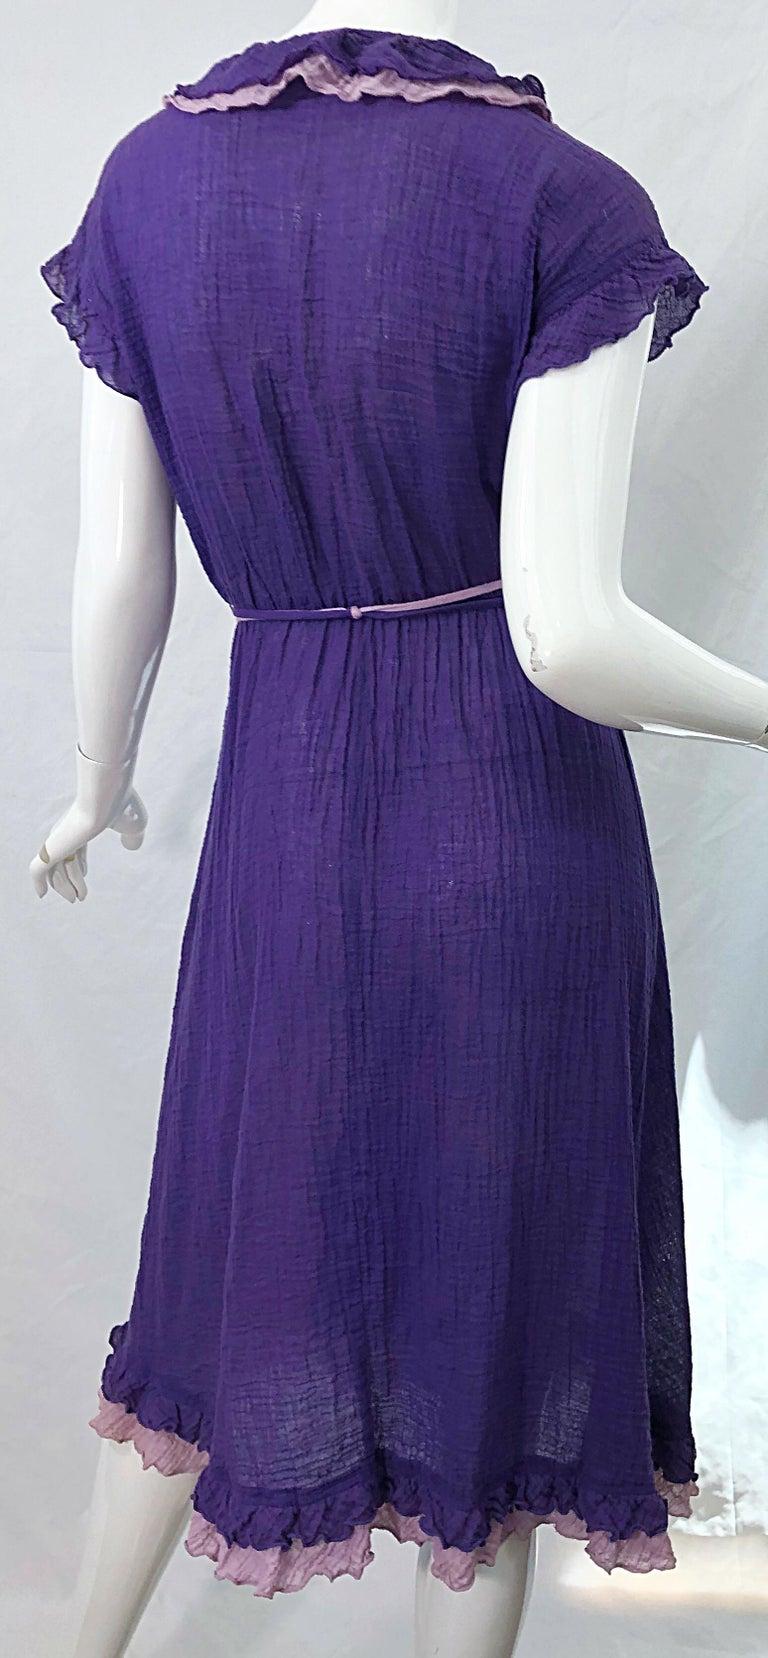 1970s Purple Lavender Lightweight Cotton Voile Vintage 70s Wrap Dress For Sale 5